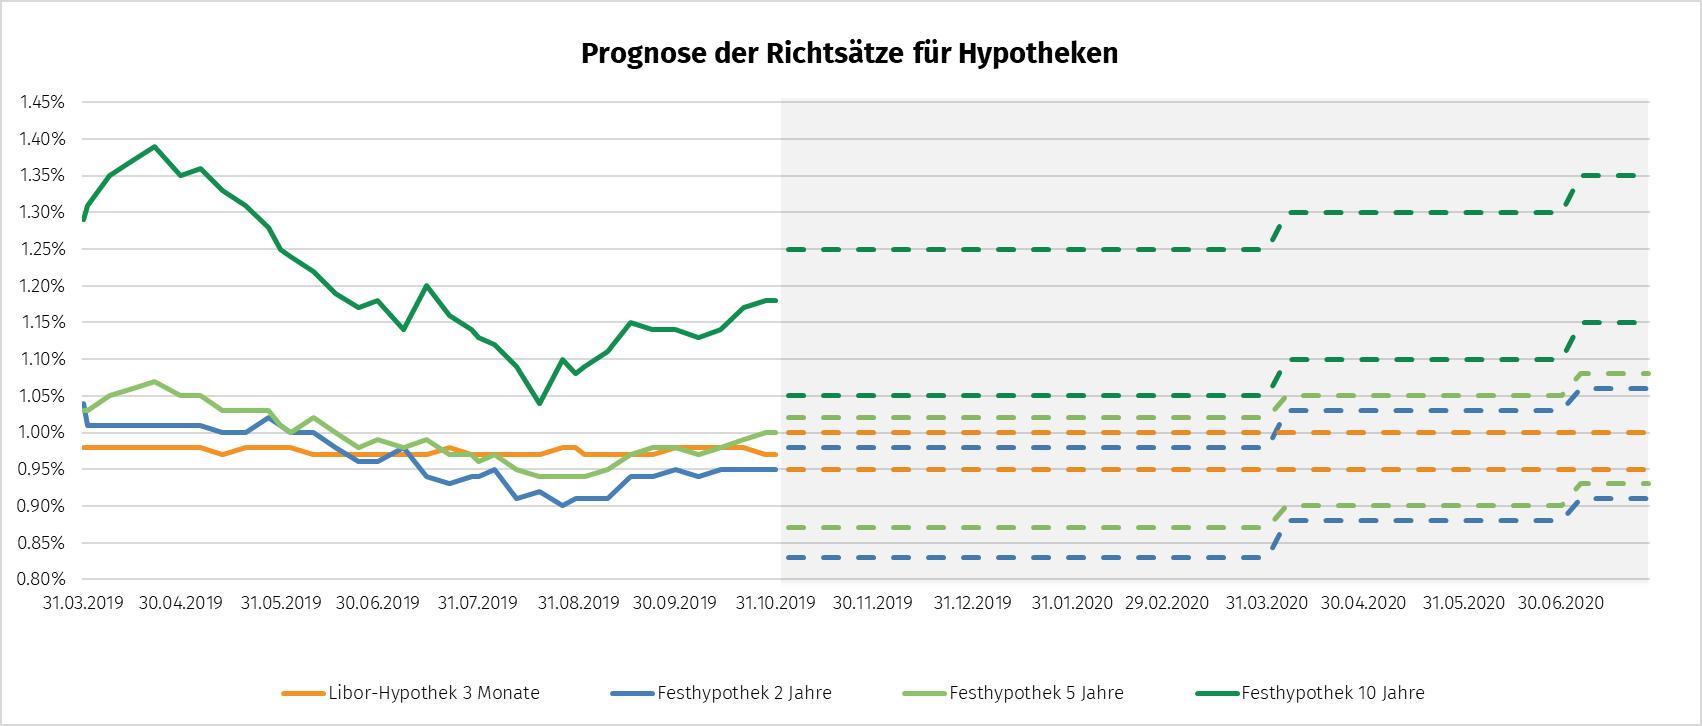 Prognose der Richtsätze für Hypotheken per Ende Oktober 2019 und Prognose bis Ende 2020. Einschätzung Hypothekarzinsen